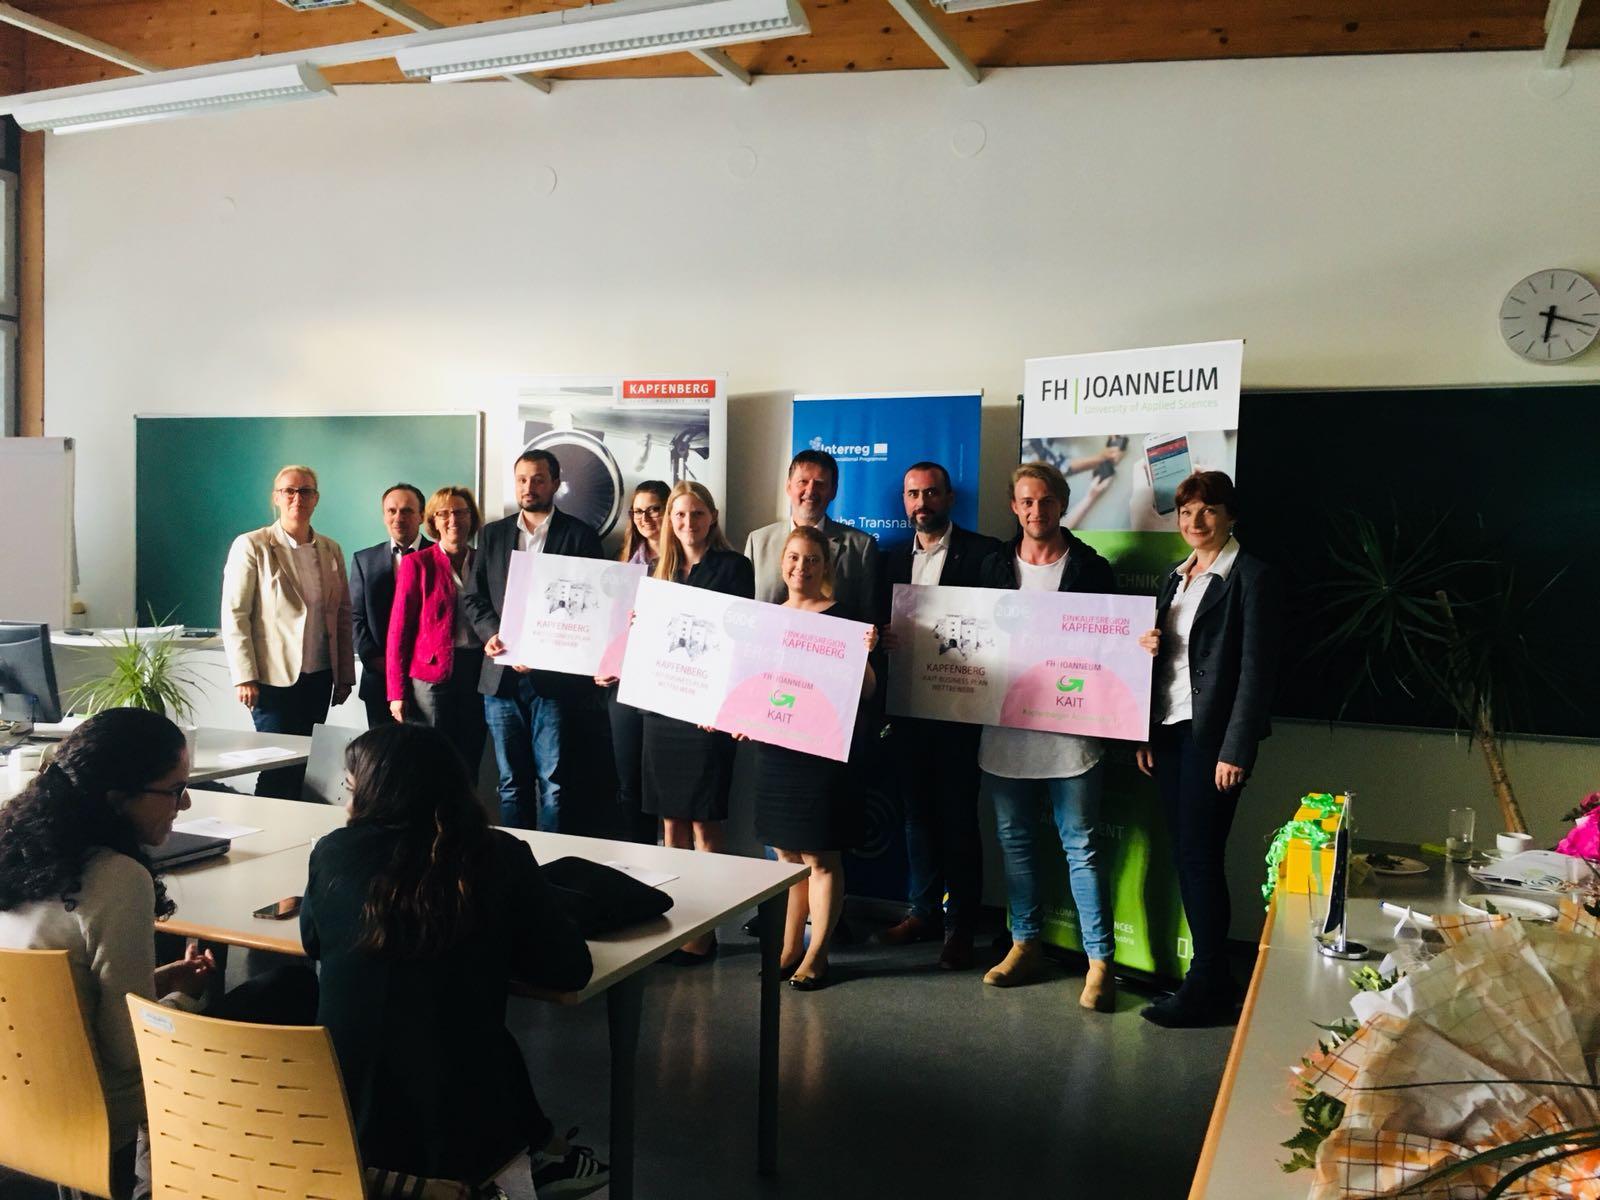 Foto mit den Teilnehmerinnen und Teilnehmern des Businessplanwettbewerbs.